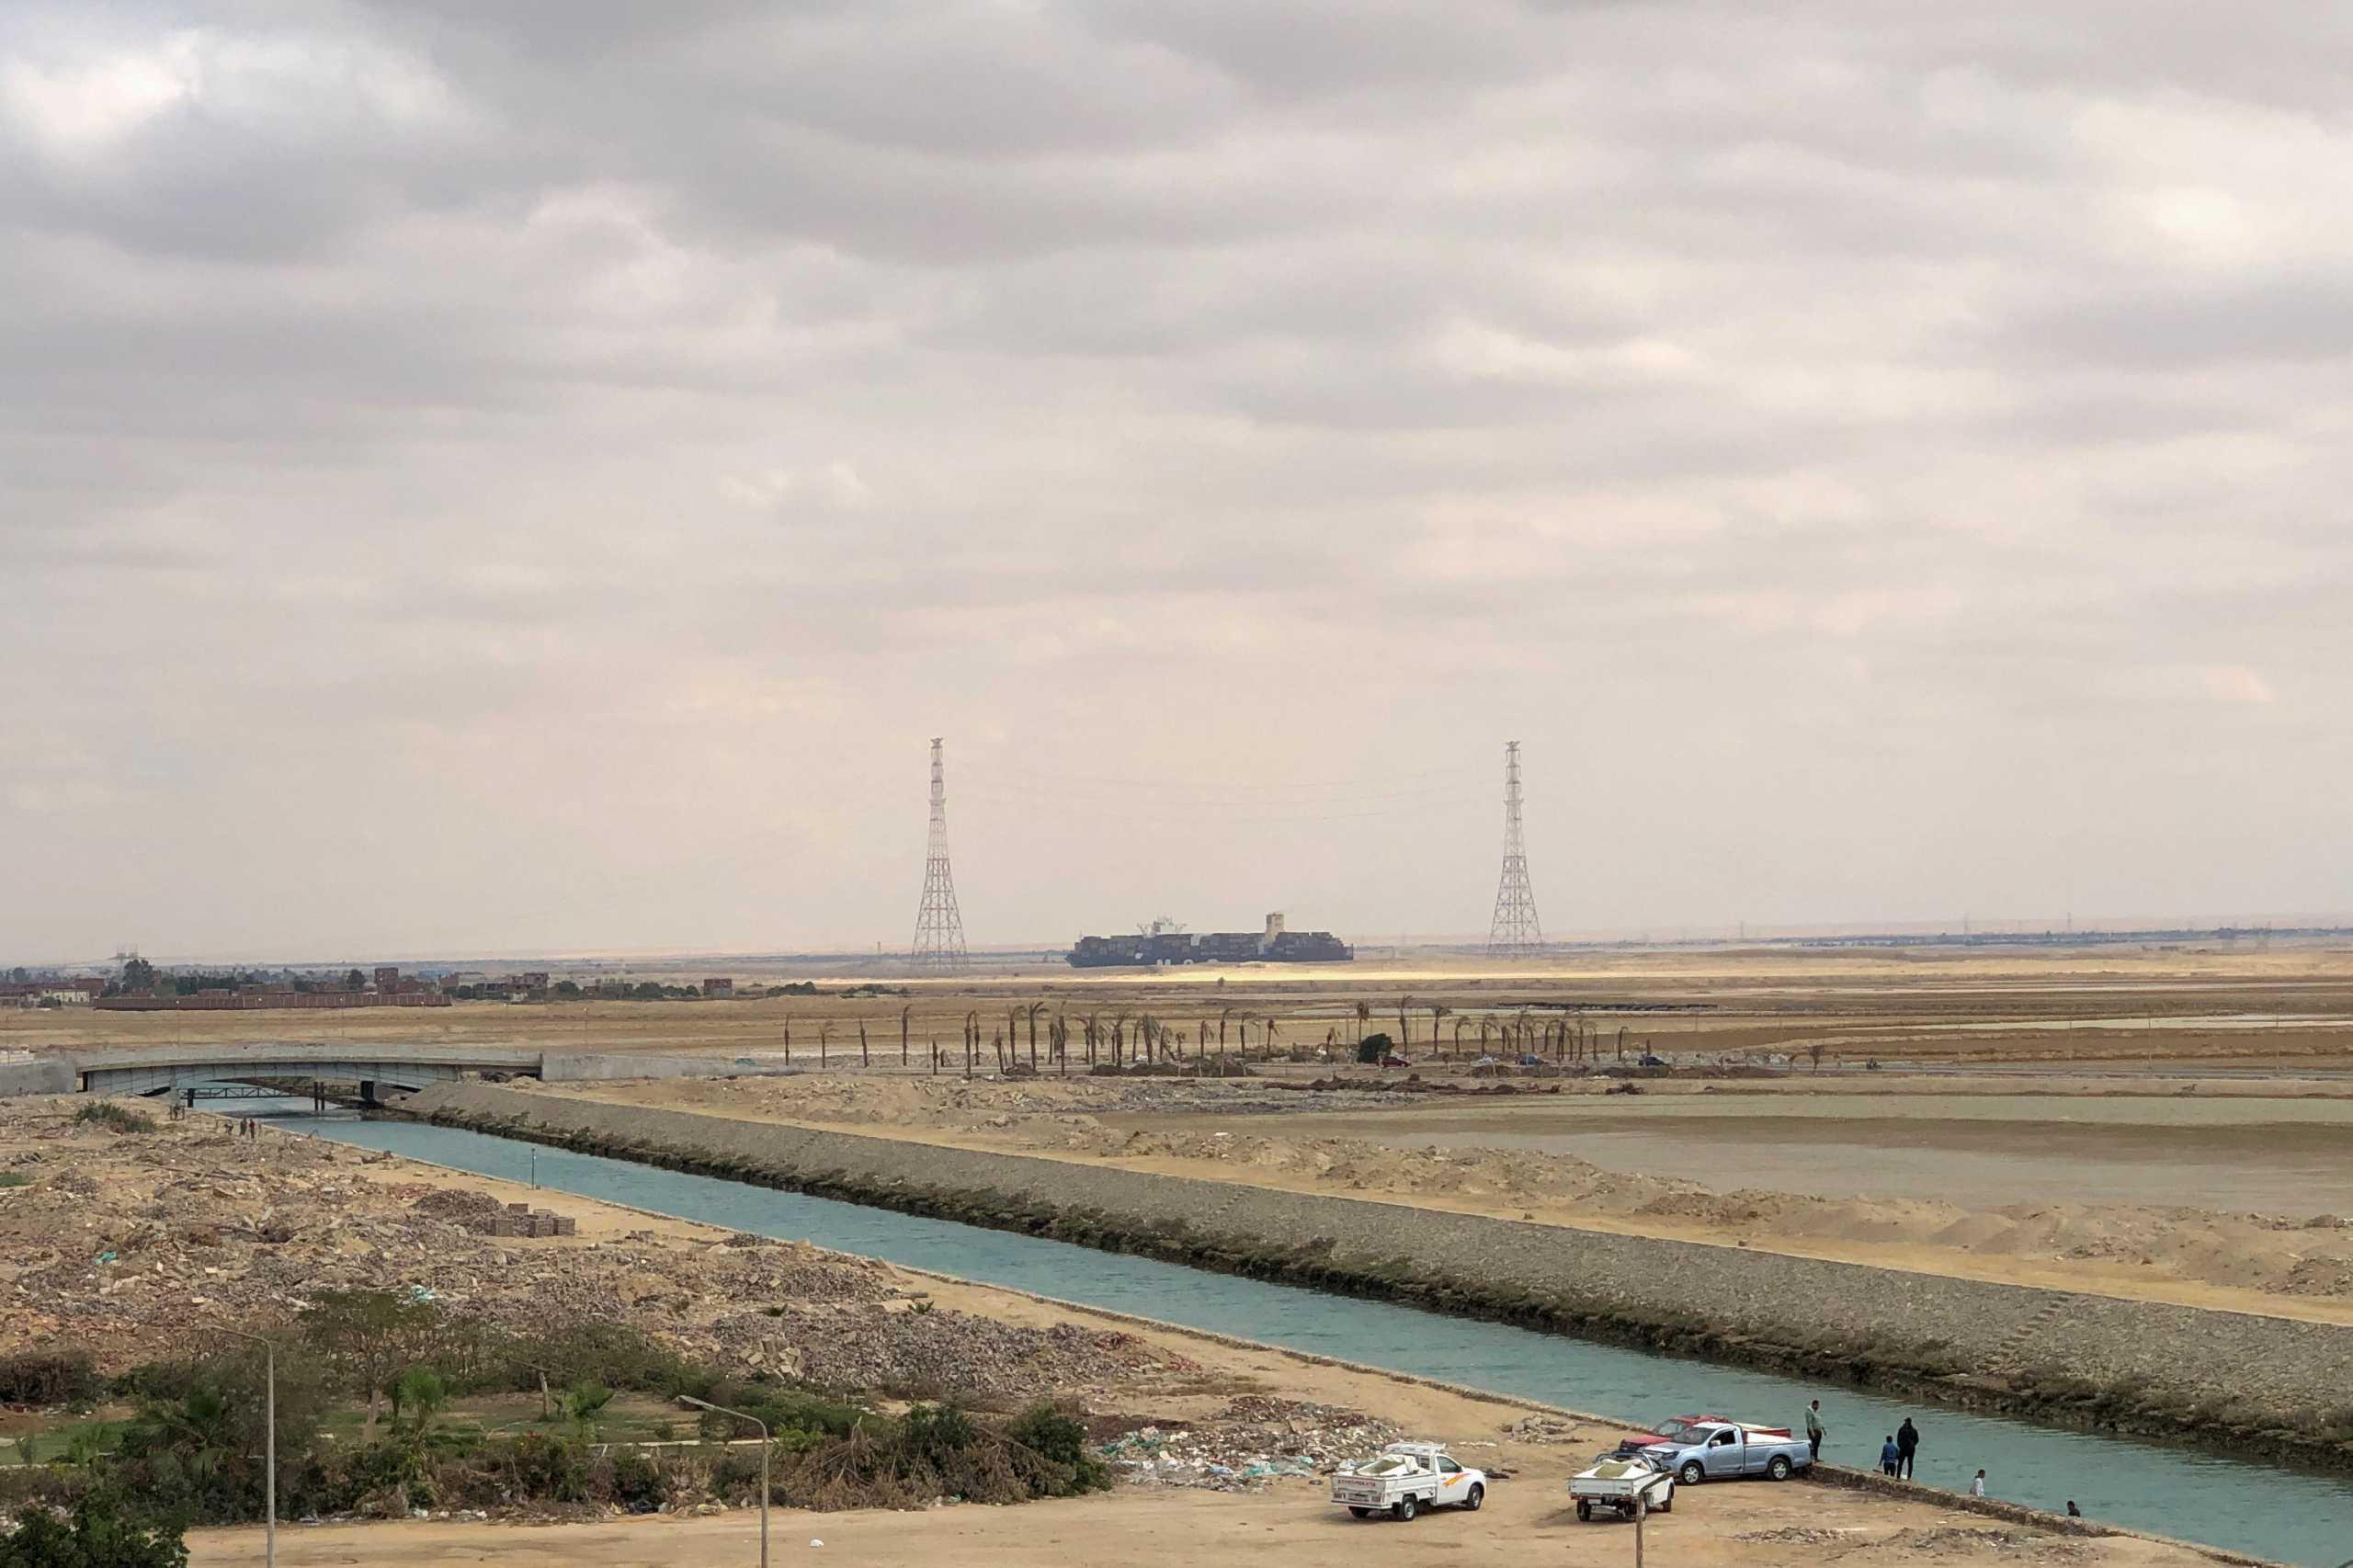 Προβλήματα κυκλοφορίας ξανά στη Διώρυγα του Σουέζ λόγω προβλήματος σε τάνκερ